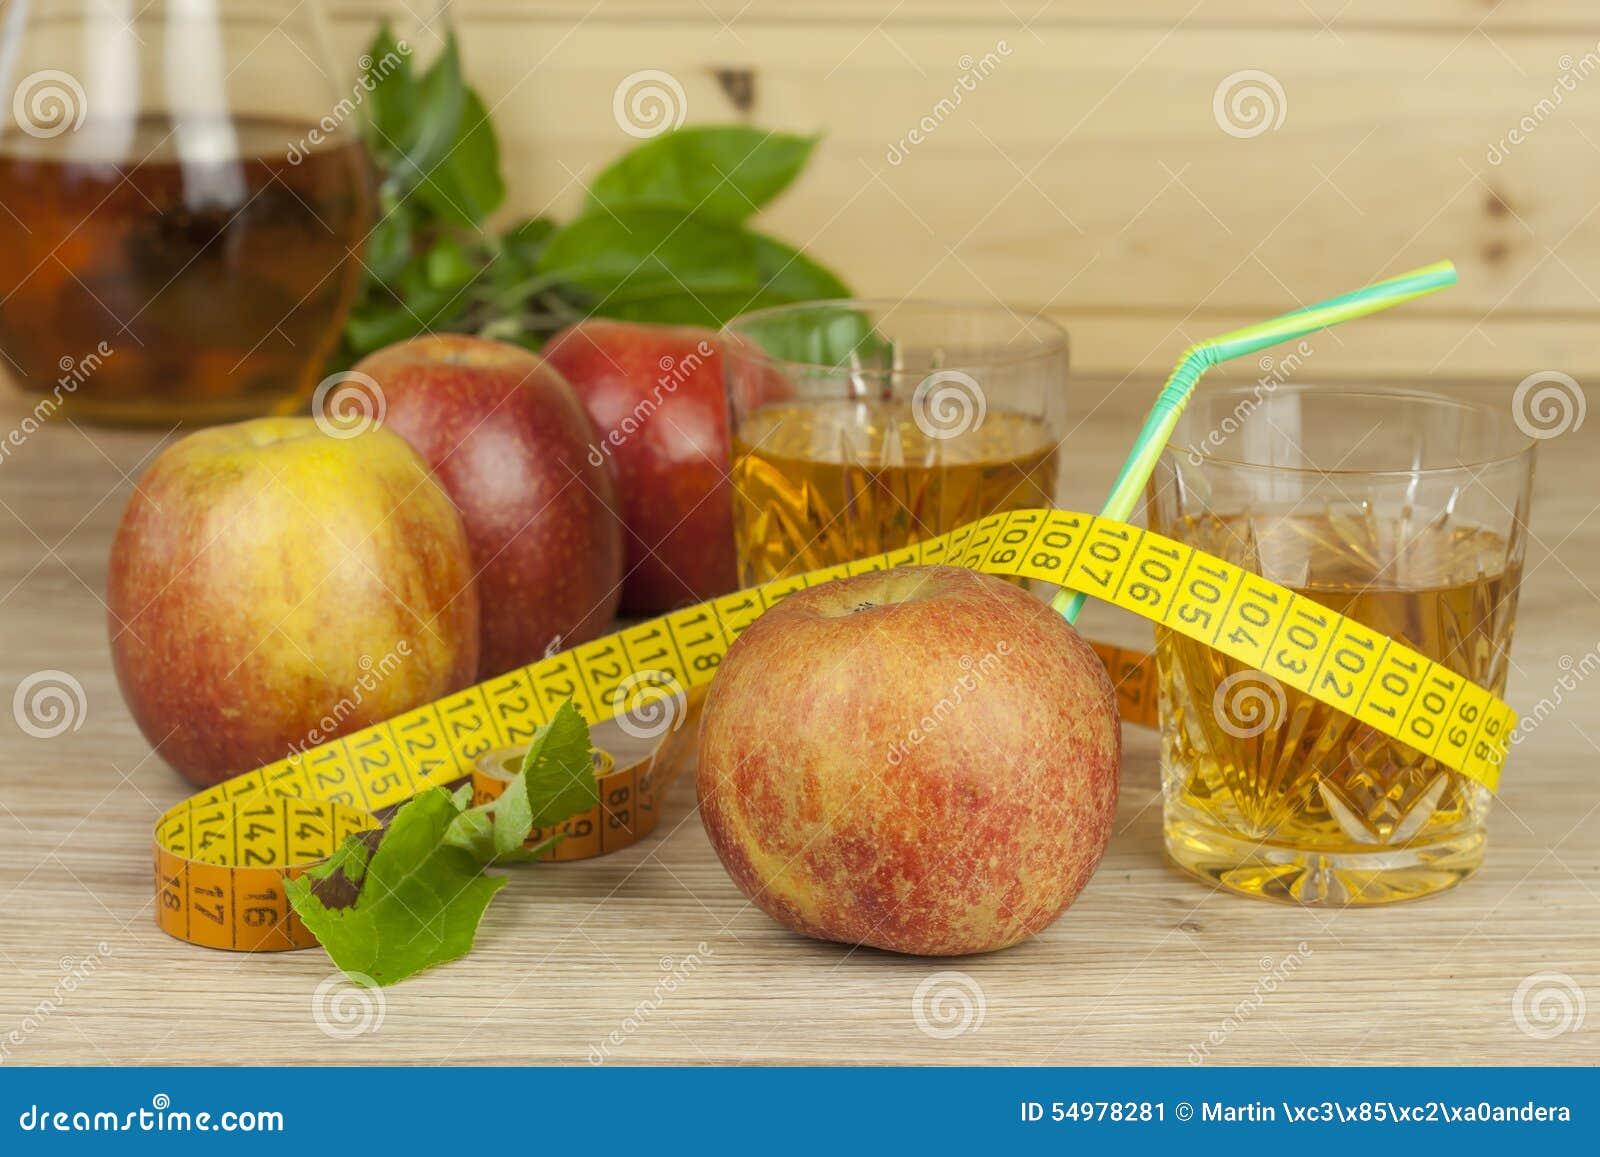 Banta mat, äppelmust, grönsaker, och frukter, begrepp bantar, vitamintillägg